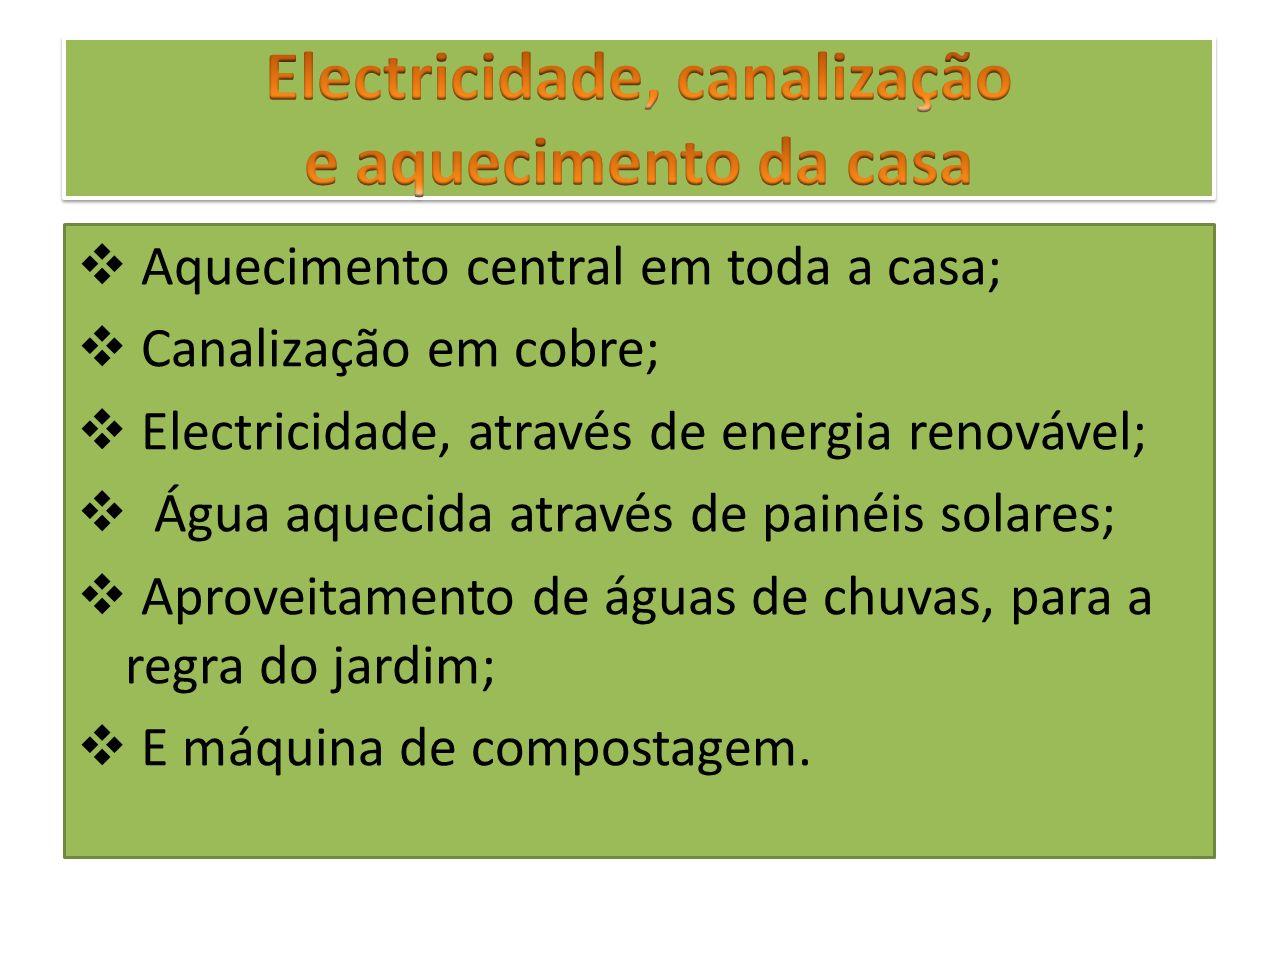 Electricidade, canalização e aquecimento da casa